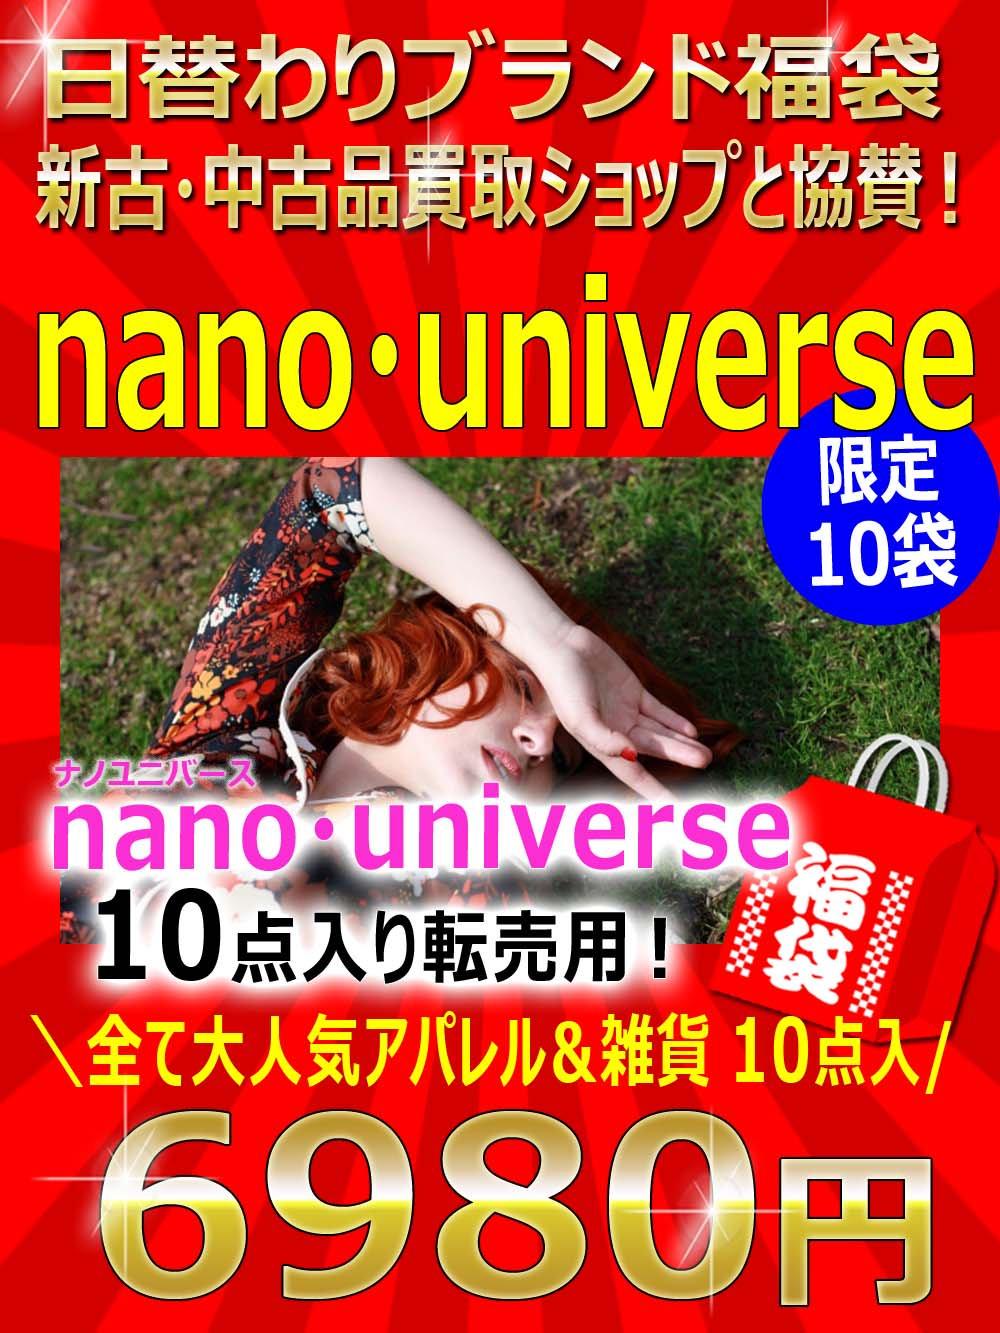 """限定10袋!日替わりブランド福袋!新古・中古ショップ協賛 """"nano・universe""""【10点】4980円"""